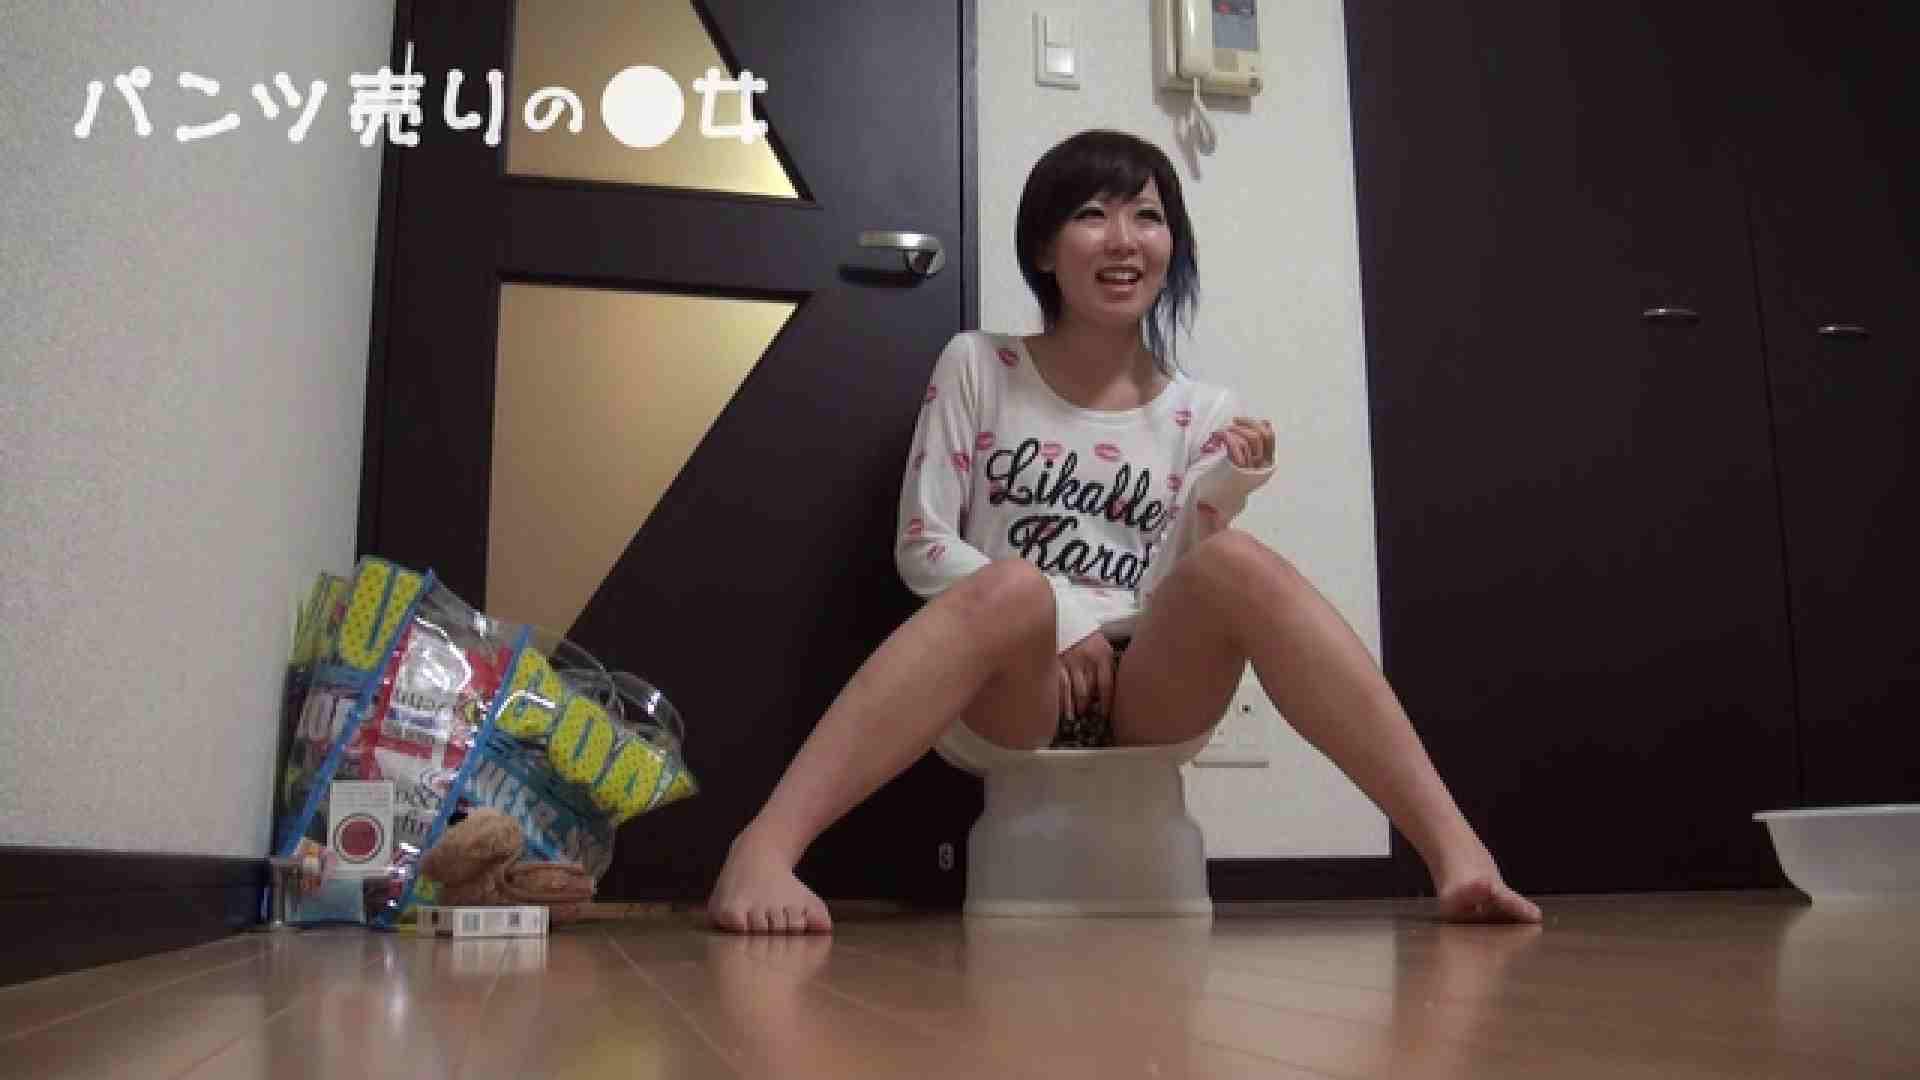 新説 パンツ売りの女の子nana パンツ  103連発 50